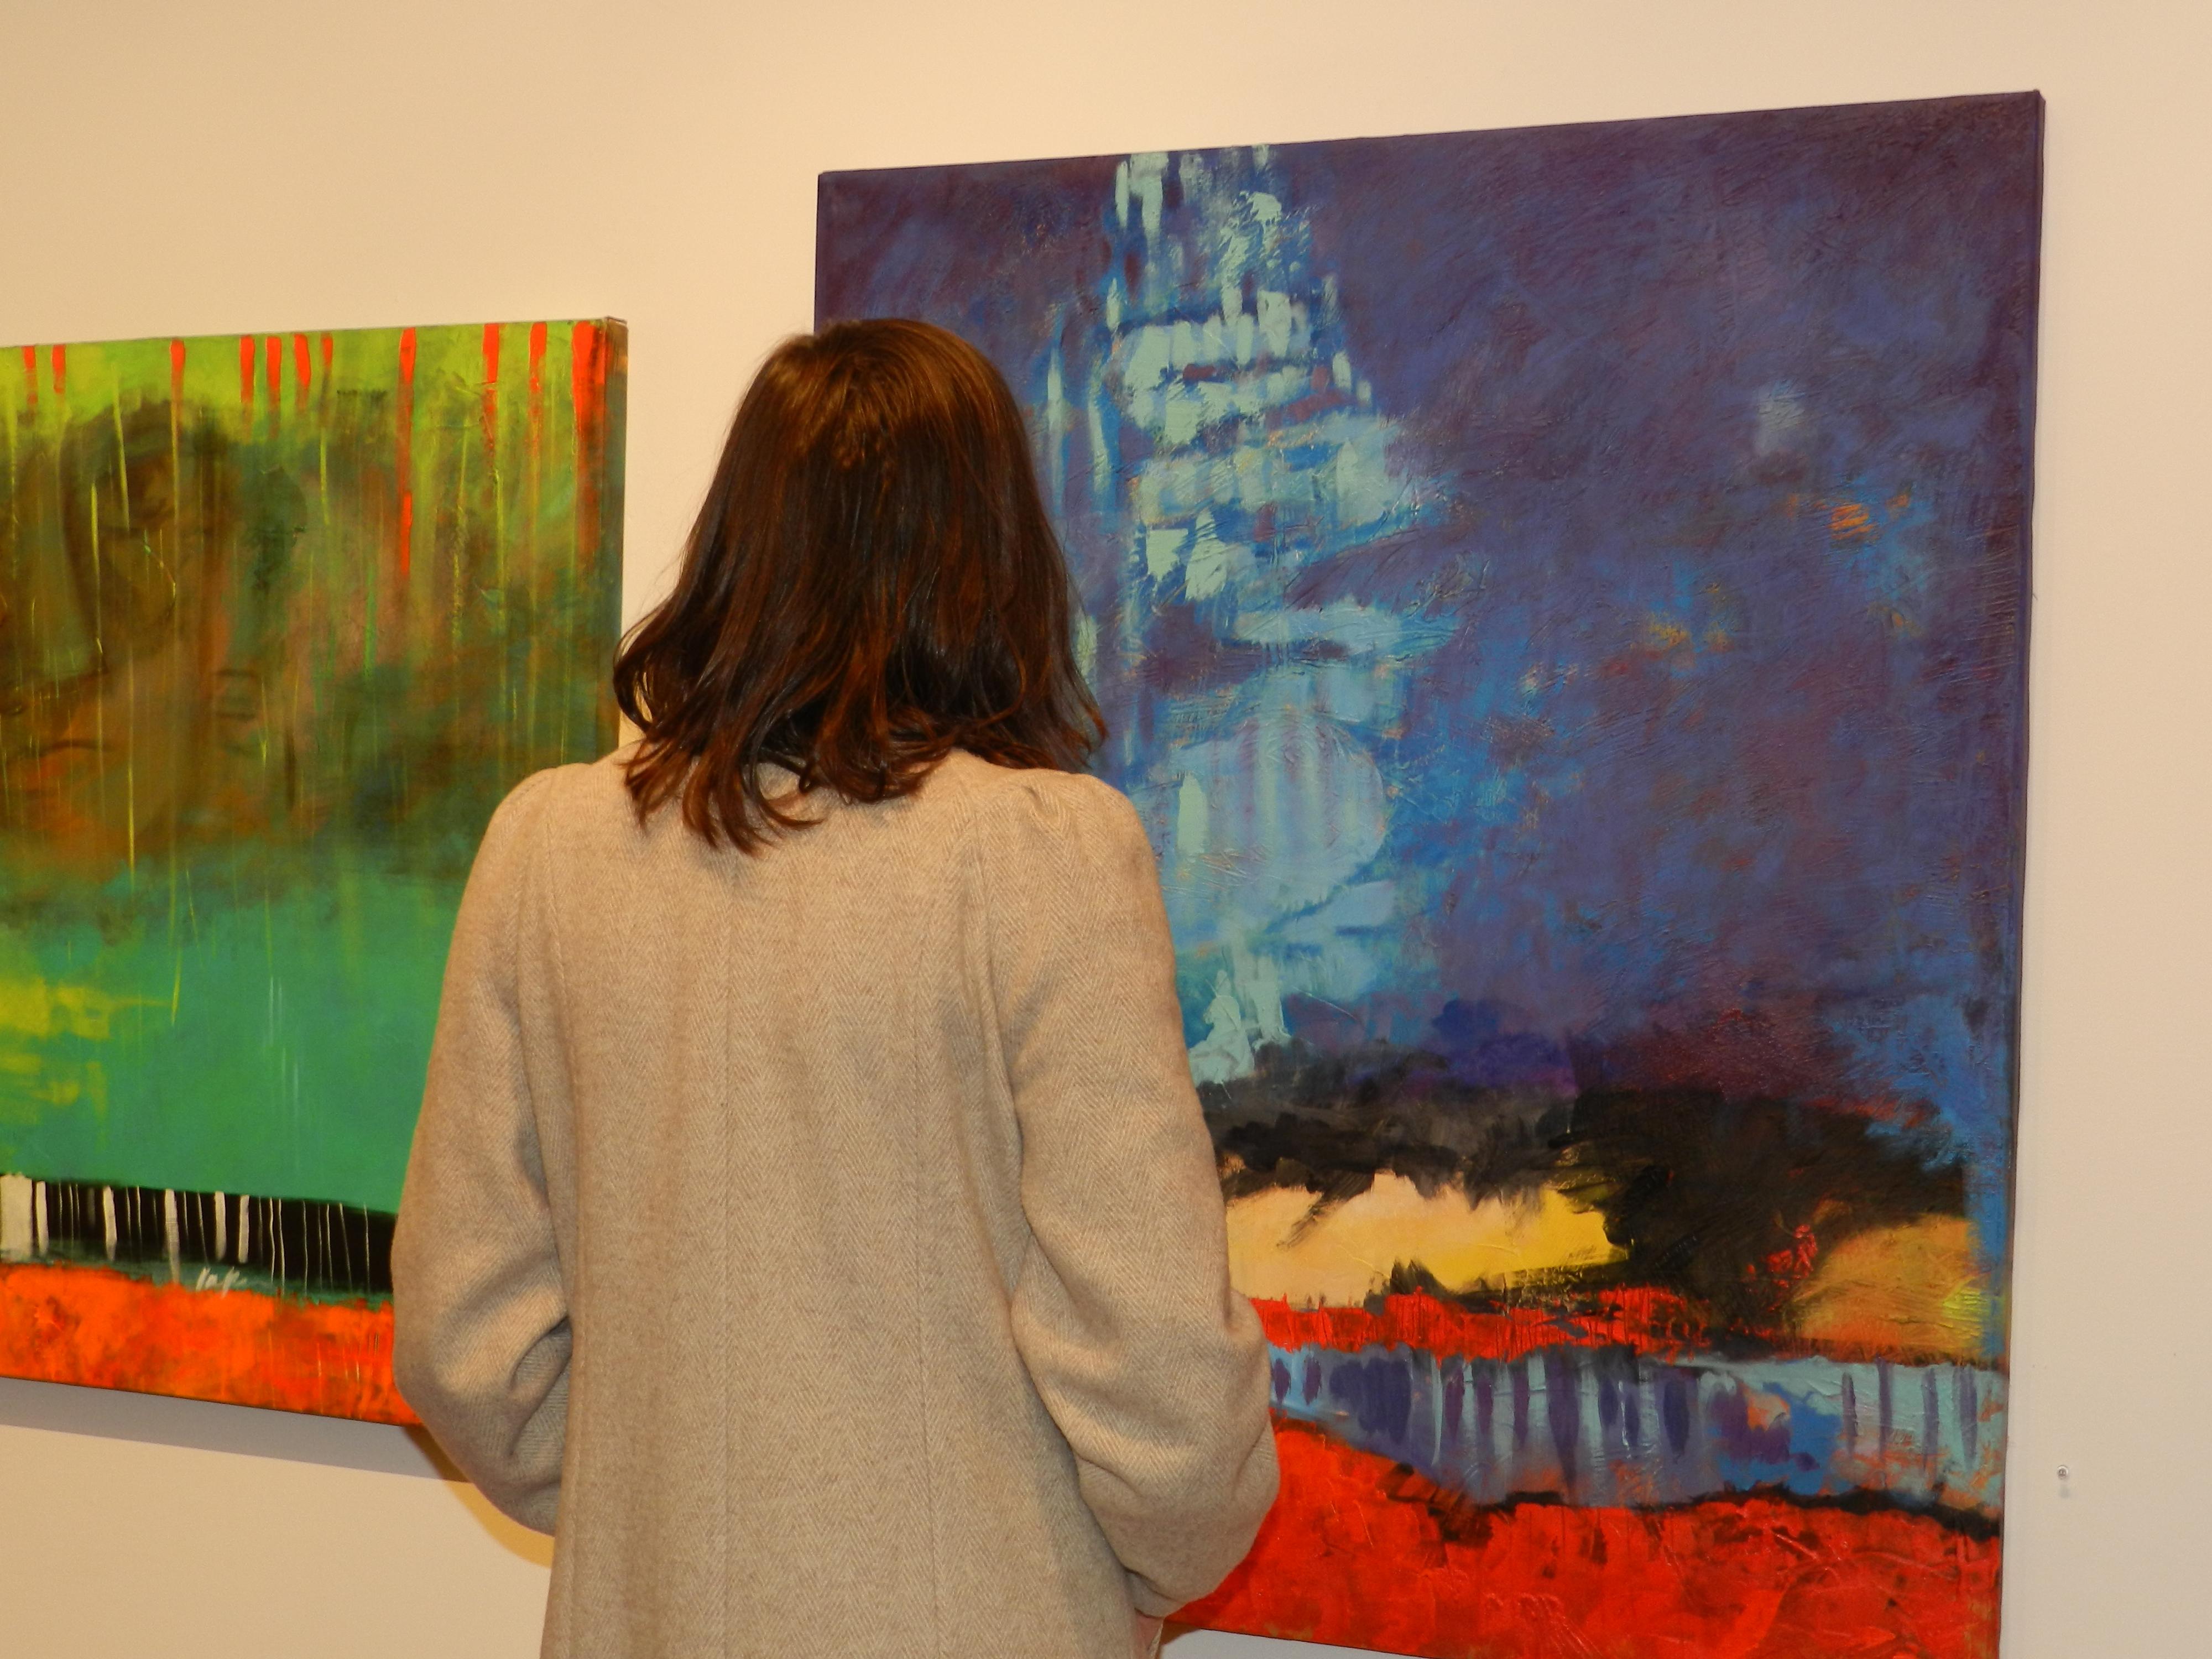 Lety+Herrera+At++Agora+Gallery+NYC+005